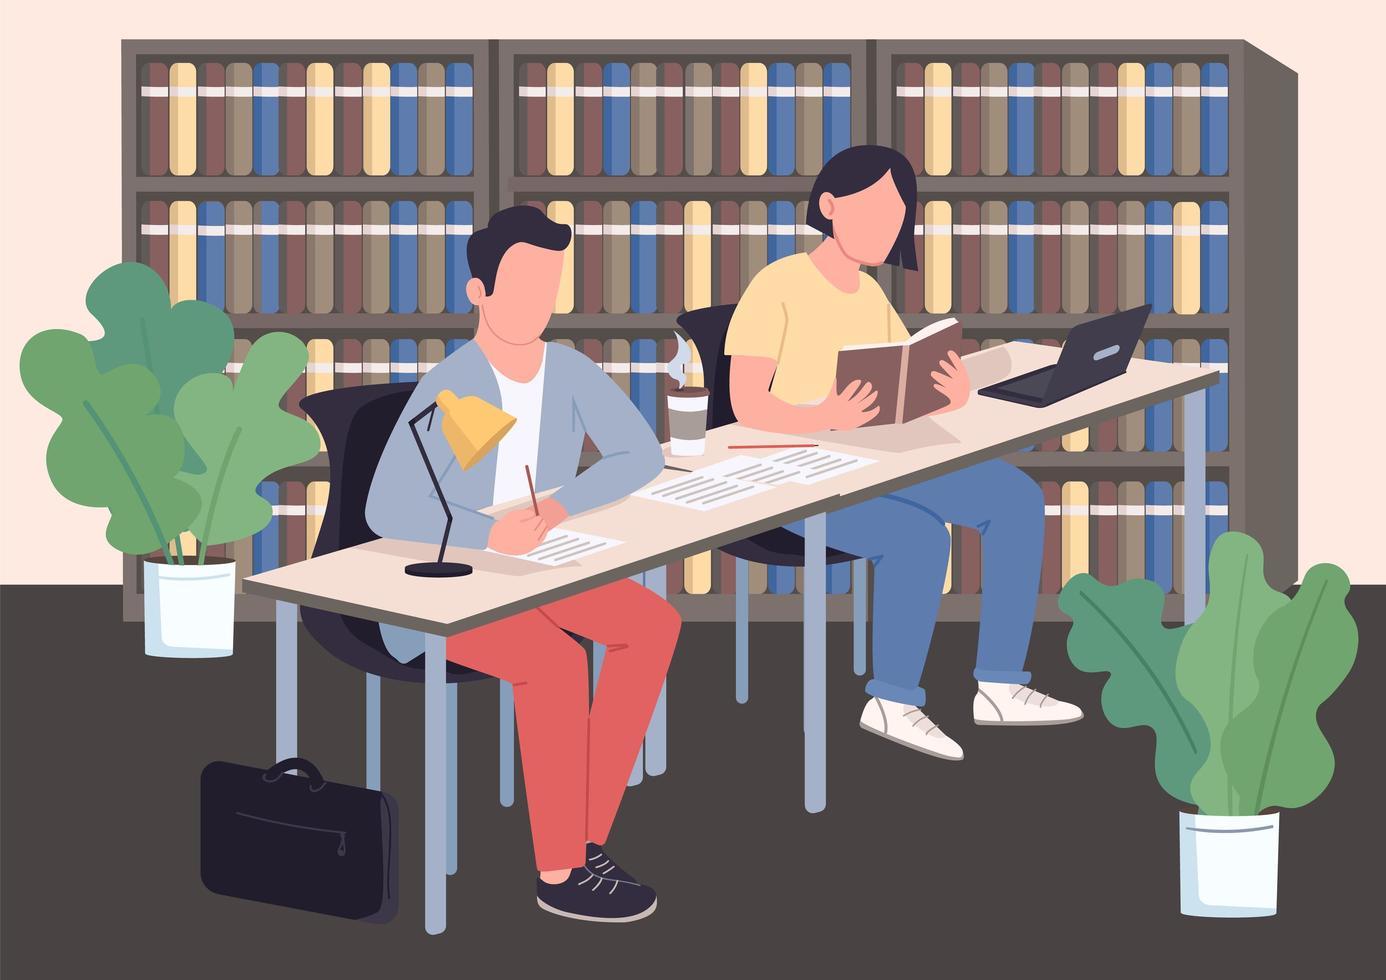 Klassenkameraden in der Bibliothek studieren vektor